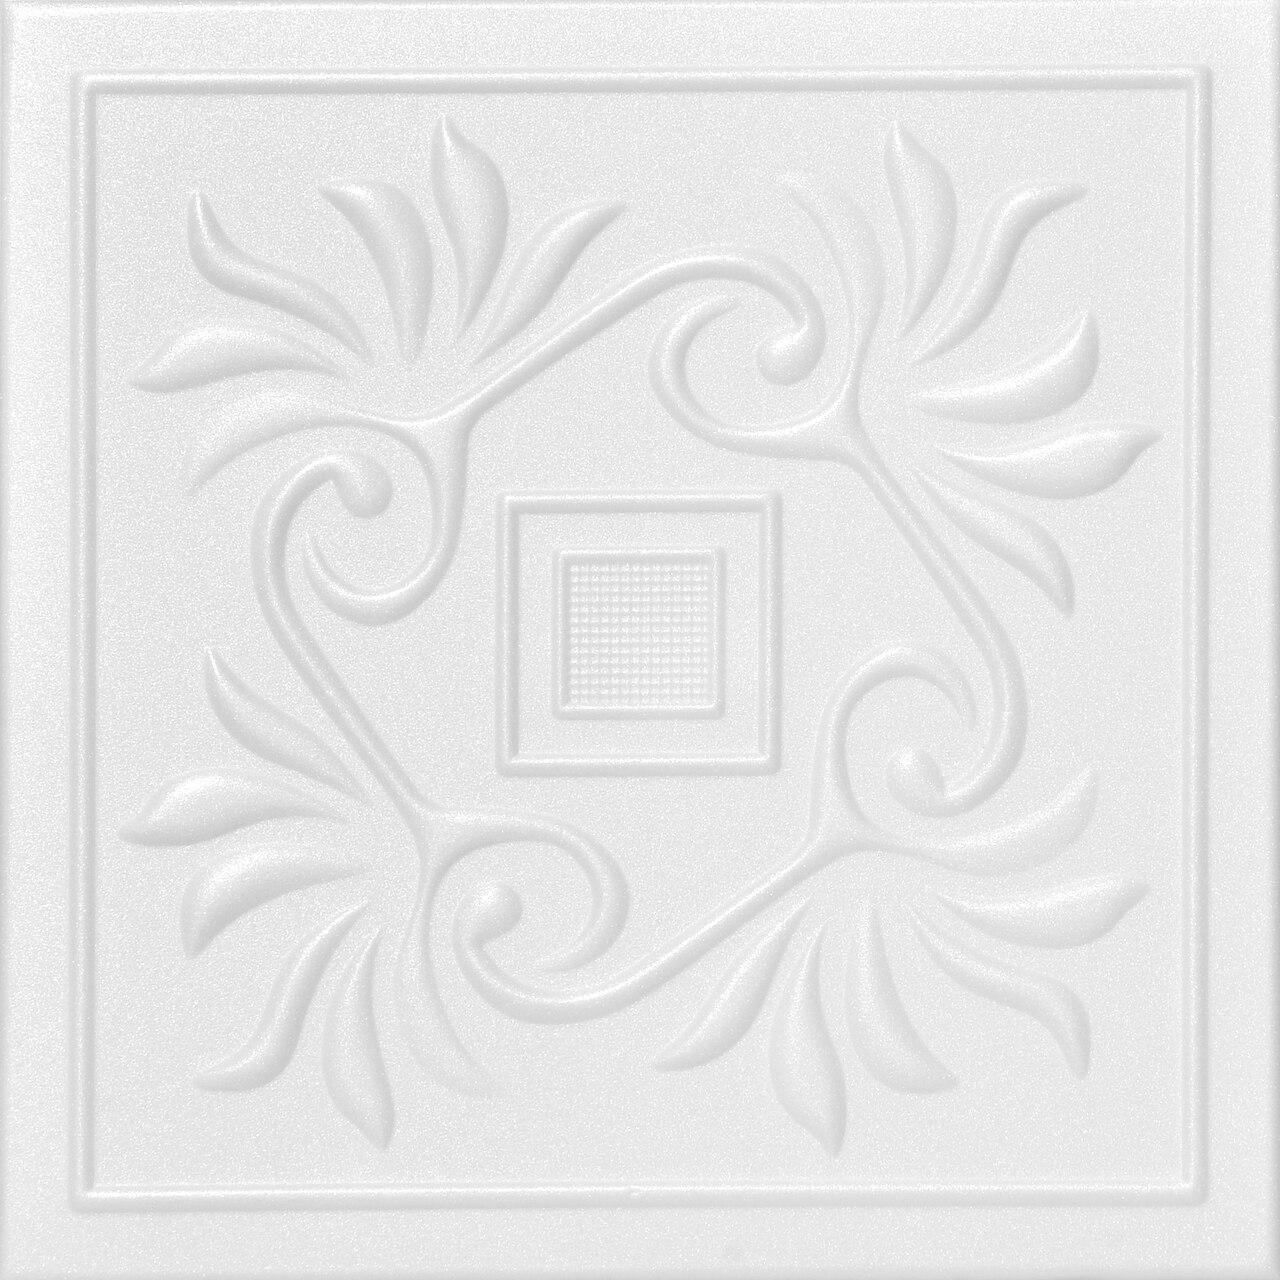 Cockatoos Glue-up Styrofoam Ceiling Tile 20 in x 20 in - #R159